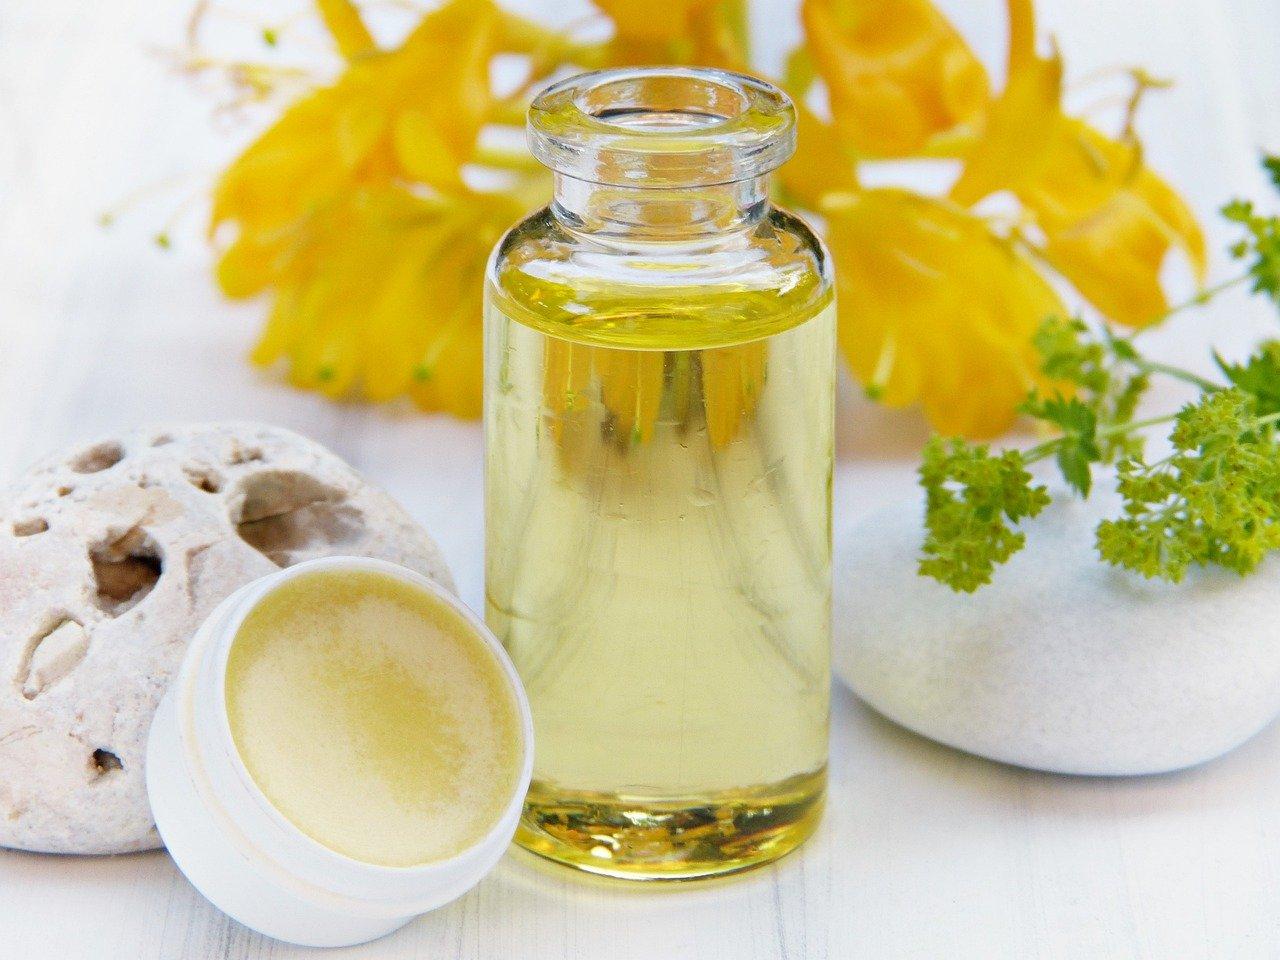 Qué podemos decir de los remedios homeopáticos